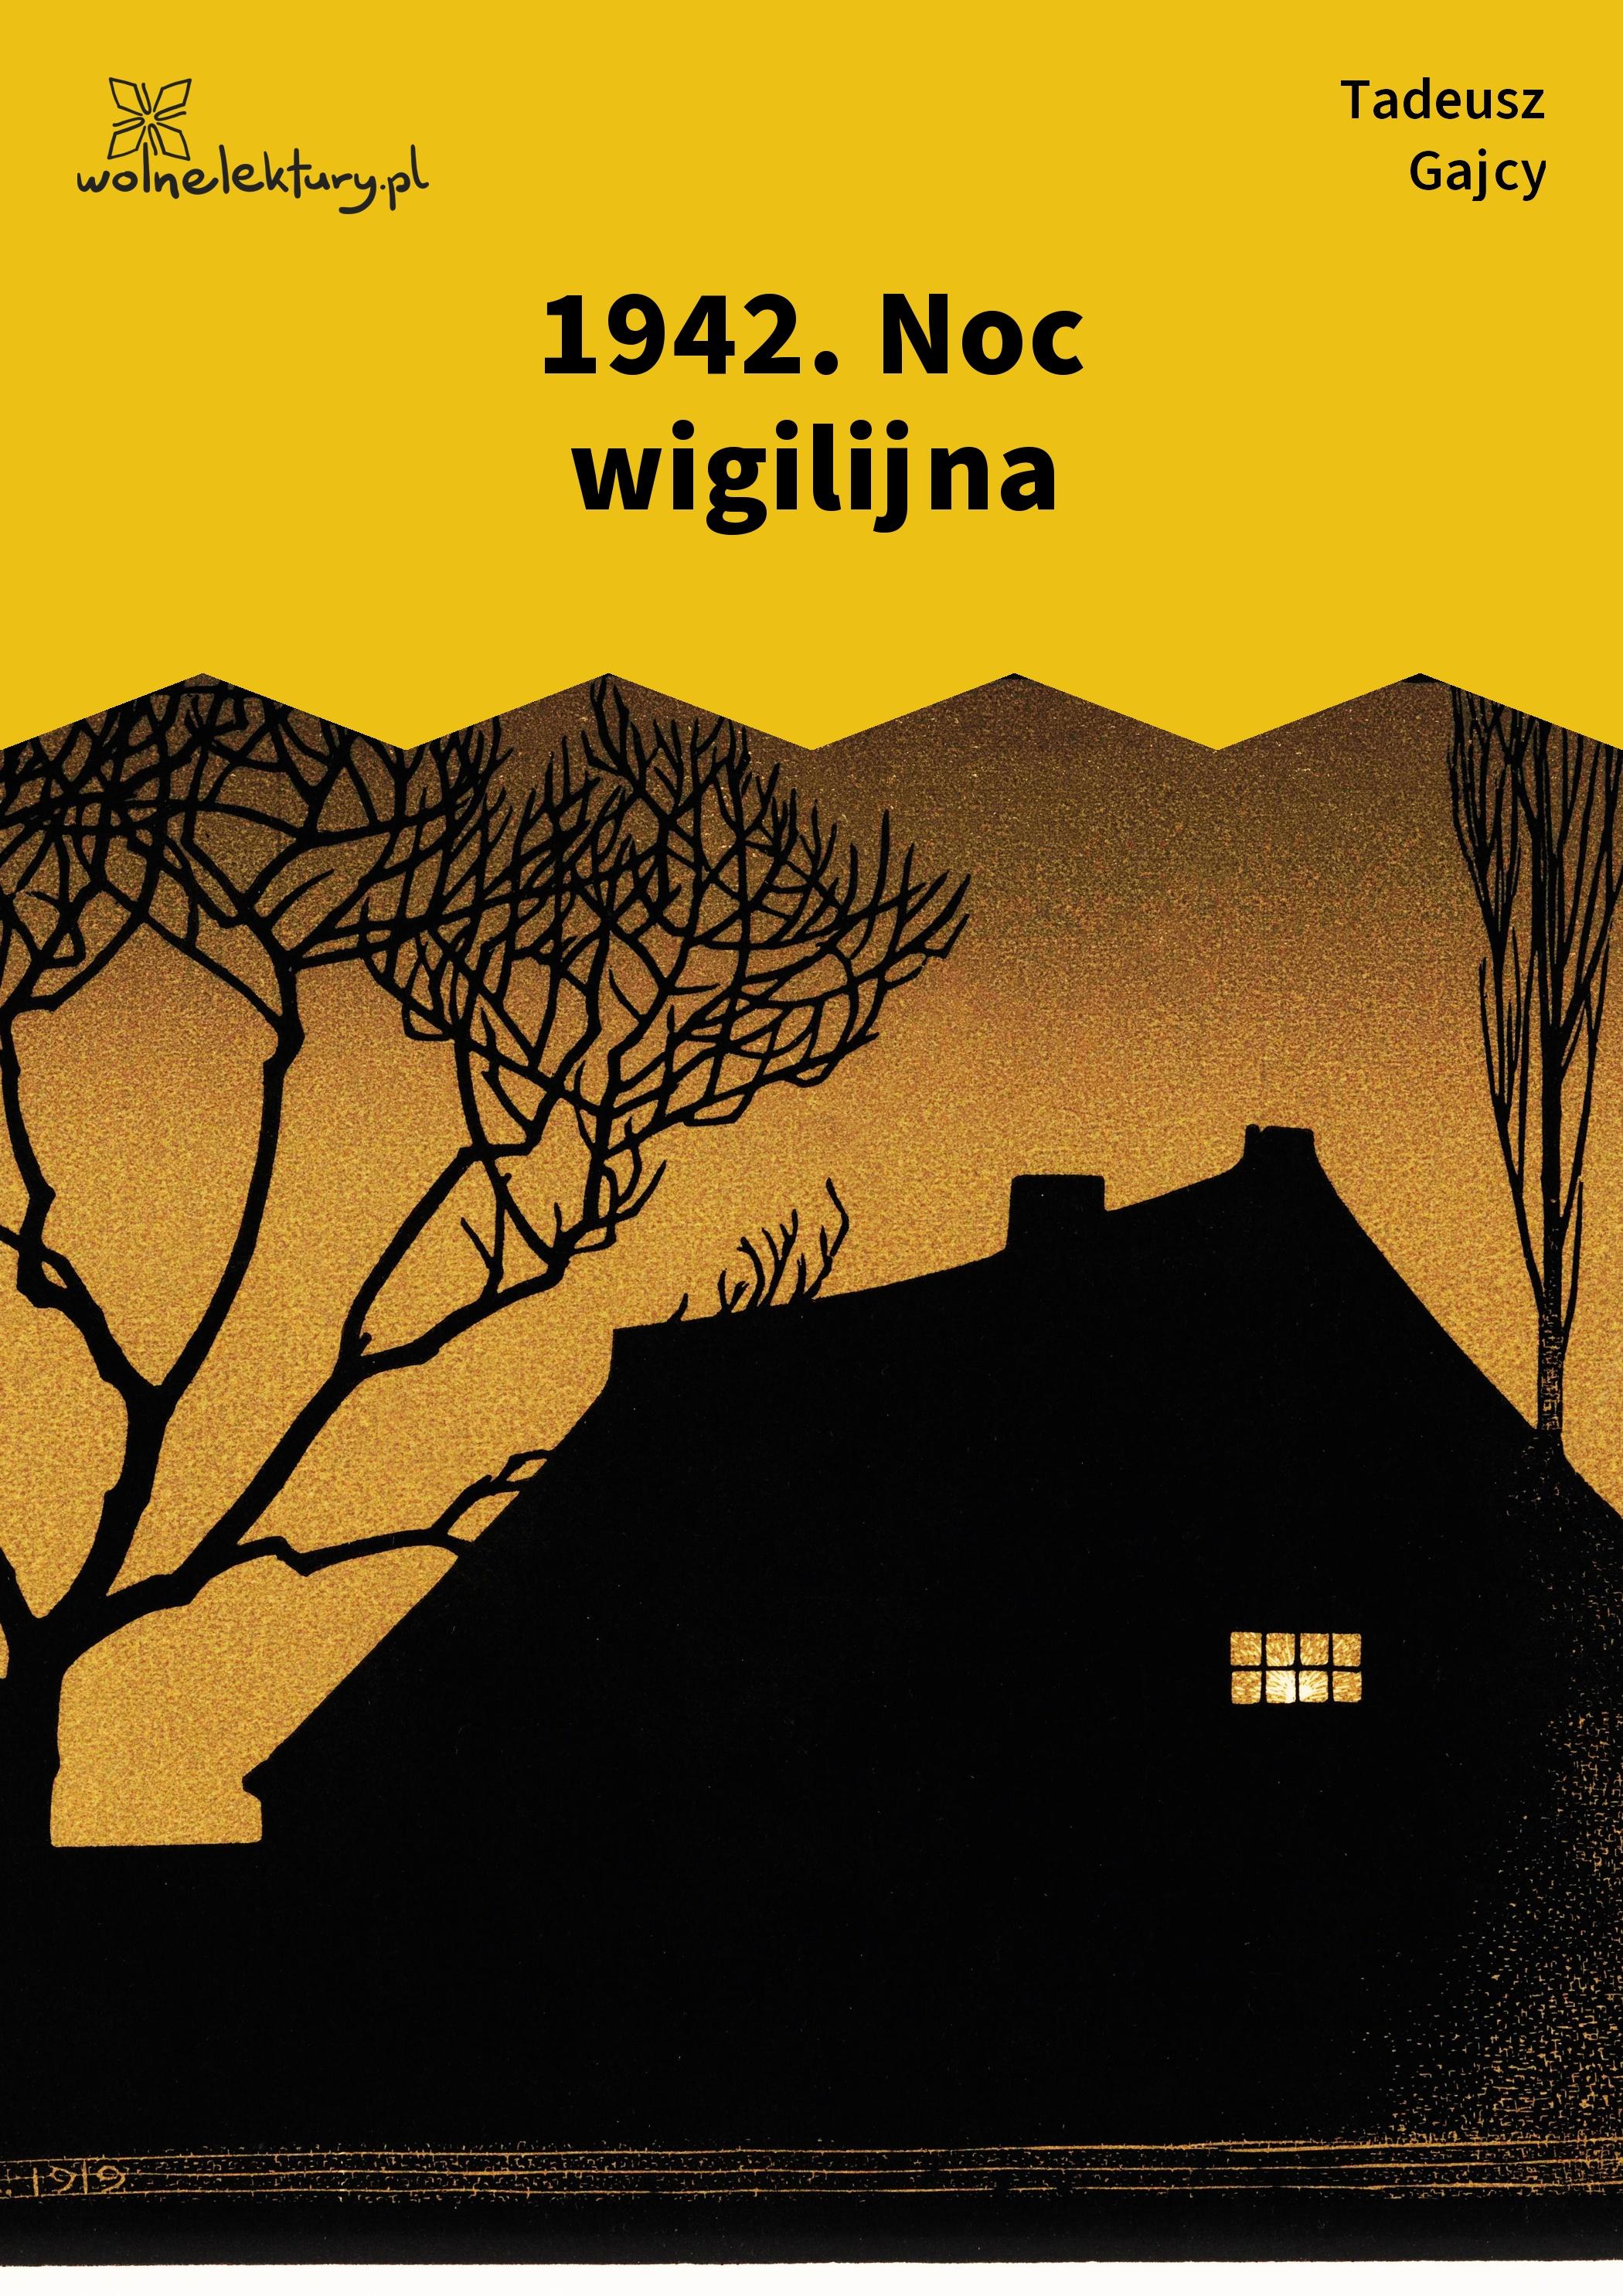 Tadeusz Gajcy 1942 Noc Wigilijna Wolne Lektury